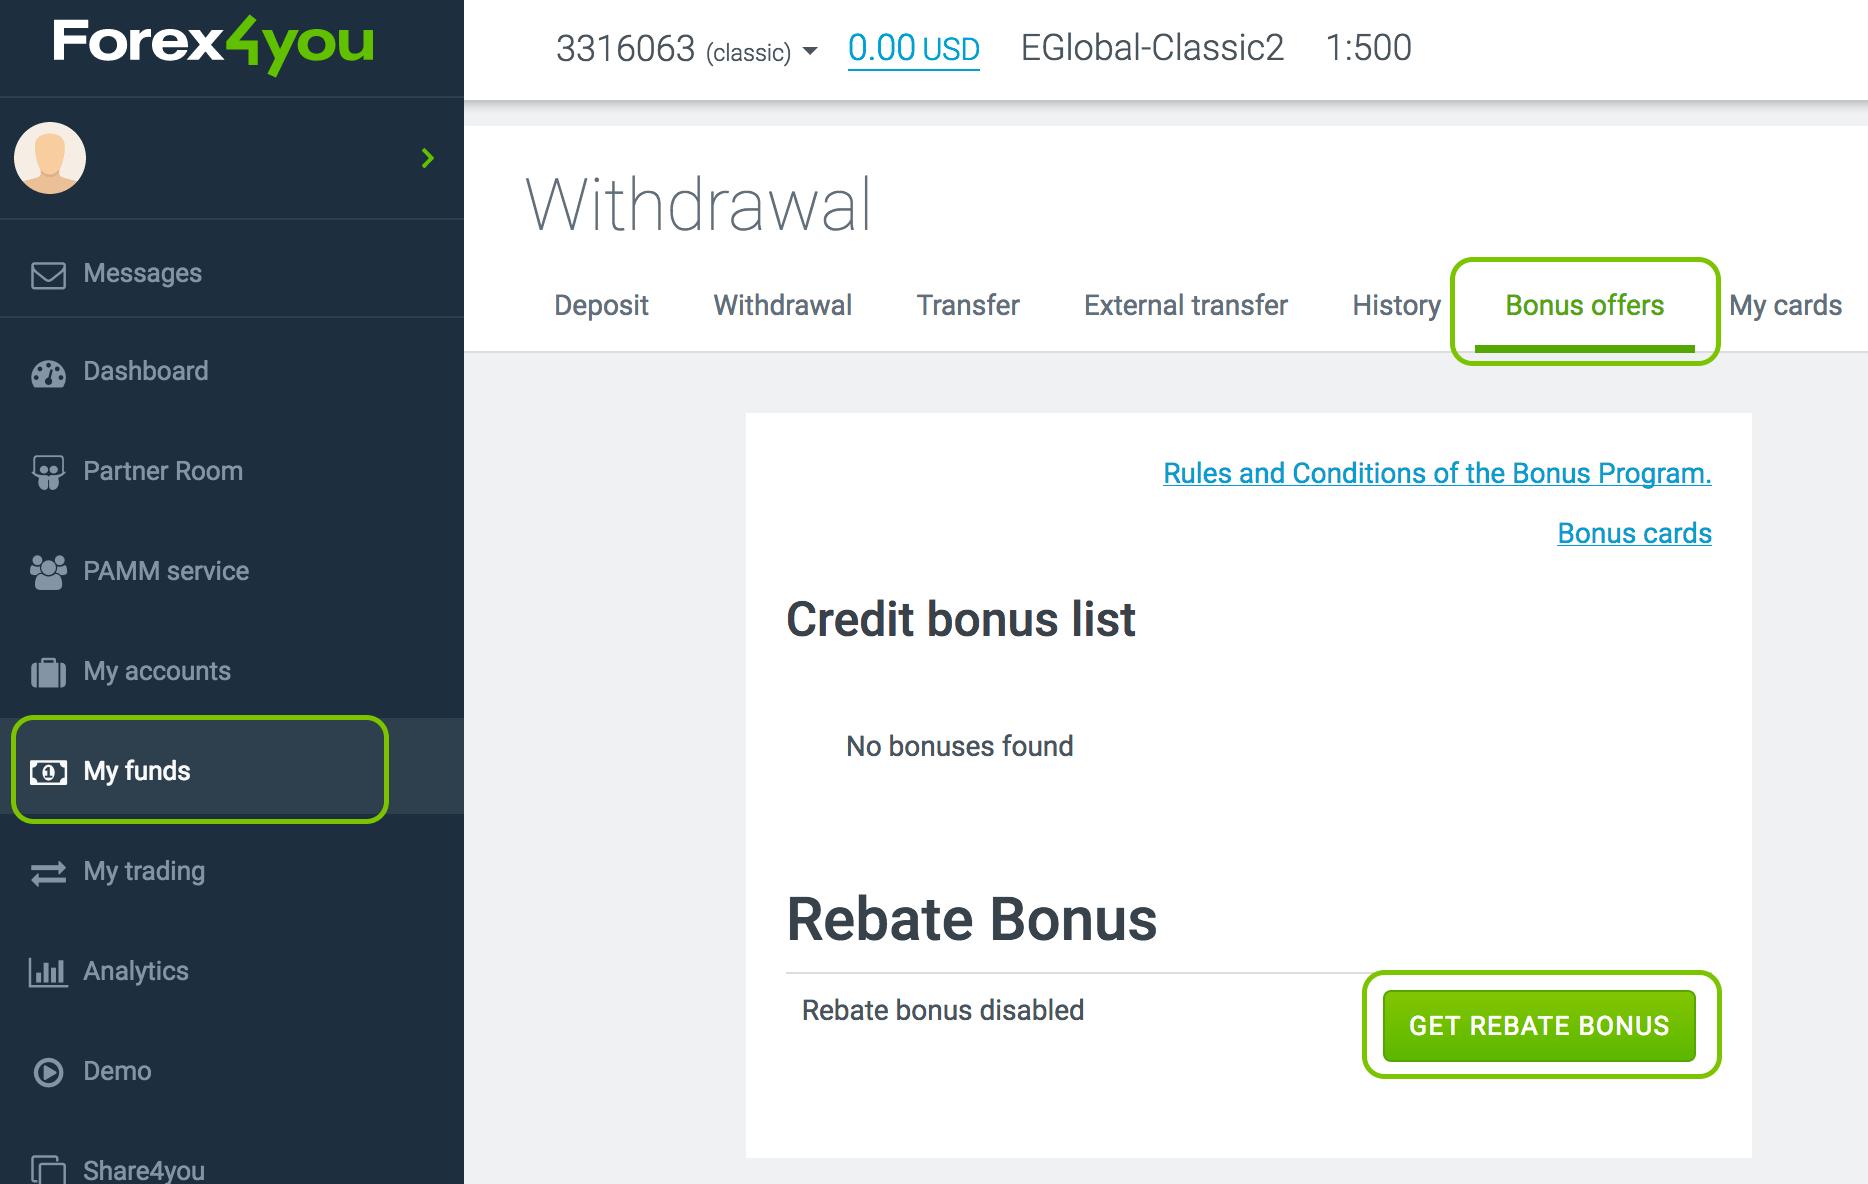 Get rebate bonus